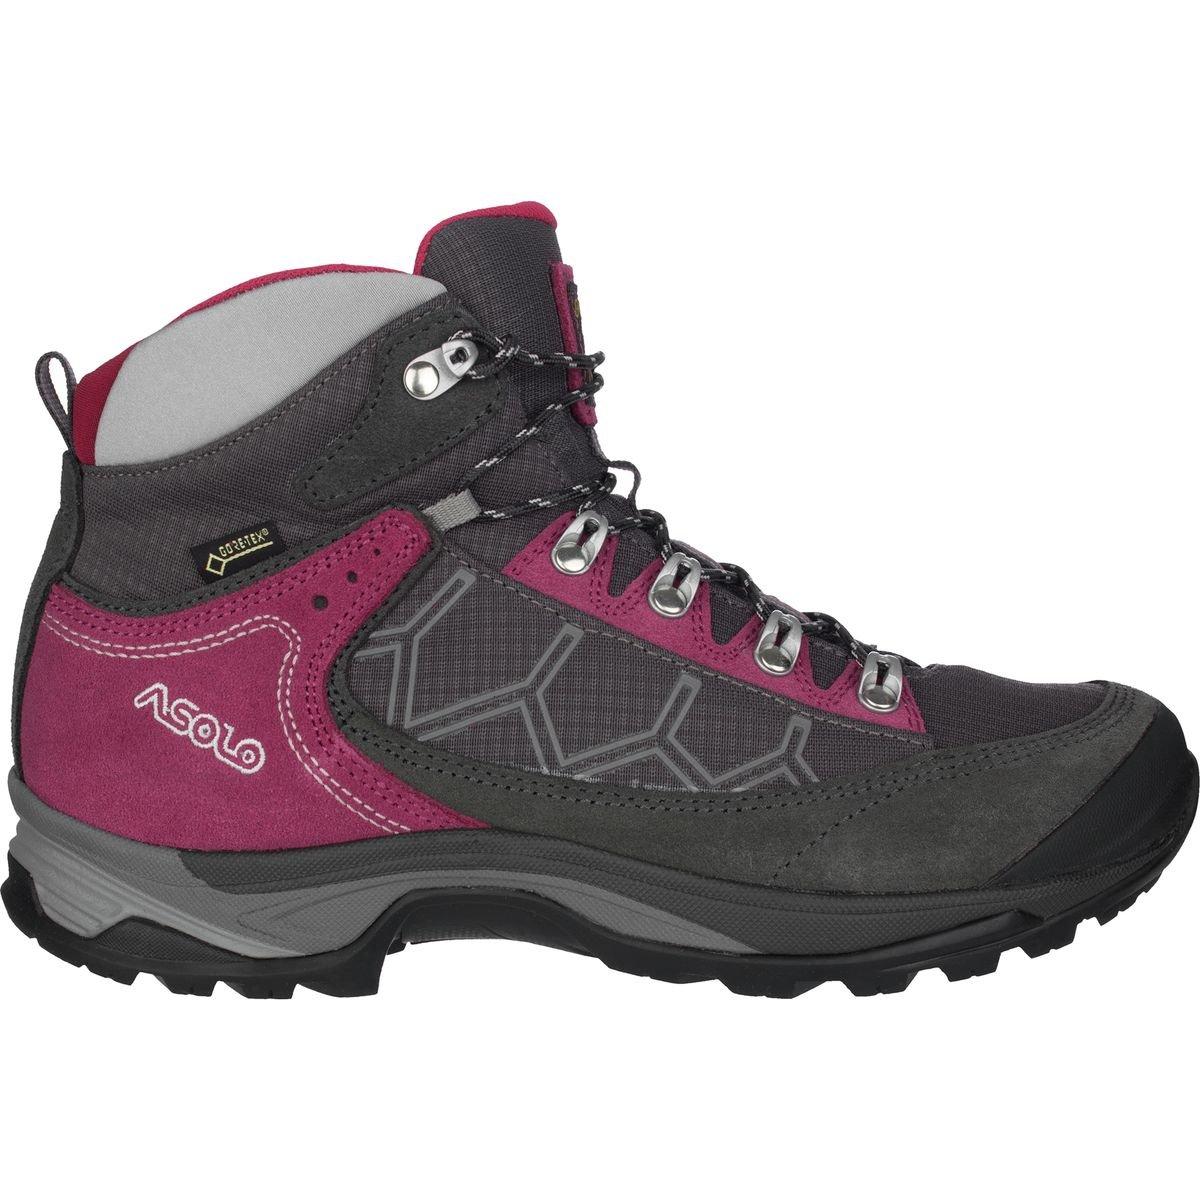 Asolo Falcon GV Hiking Boot - Women's Graphite/Graphite, 7.5